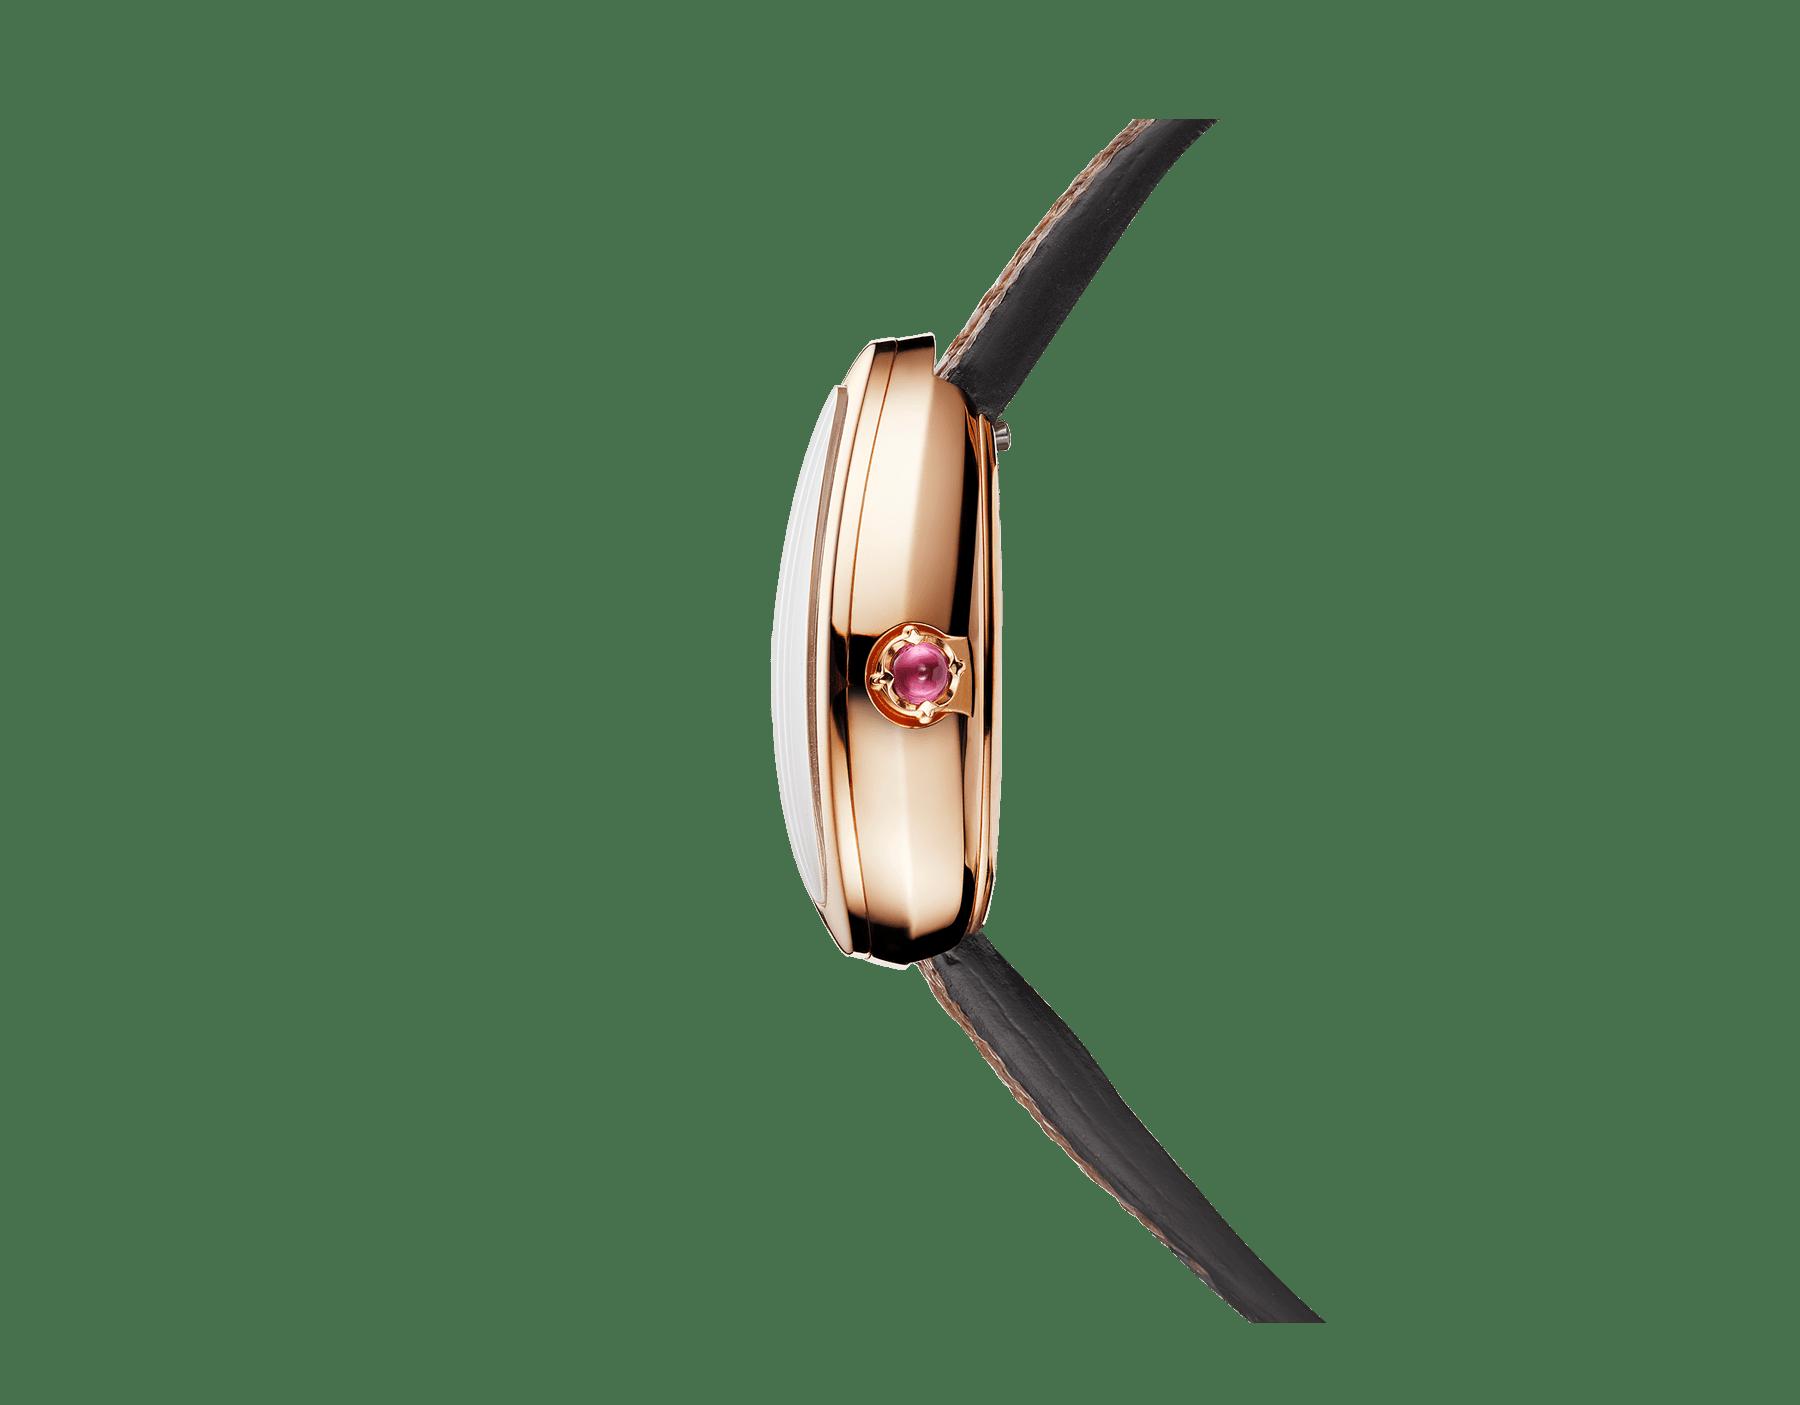 Serpenti Uhr mit Gehäuse aus 18Karat Roségold, weißem Perlmuttzifferblatt und austauschbarem doppelt geschwungenem Armband aus braunem Karungleder 102919 image 2